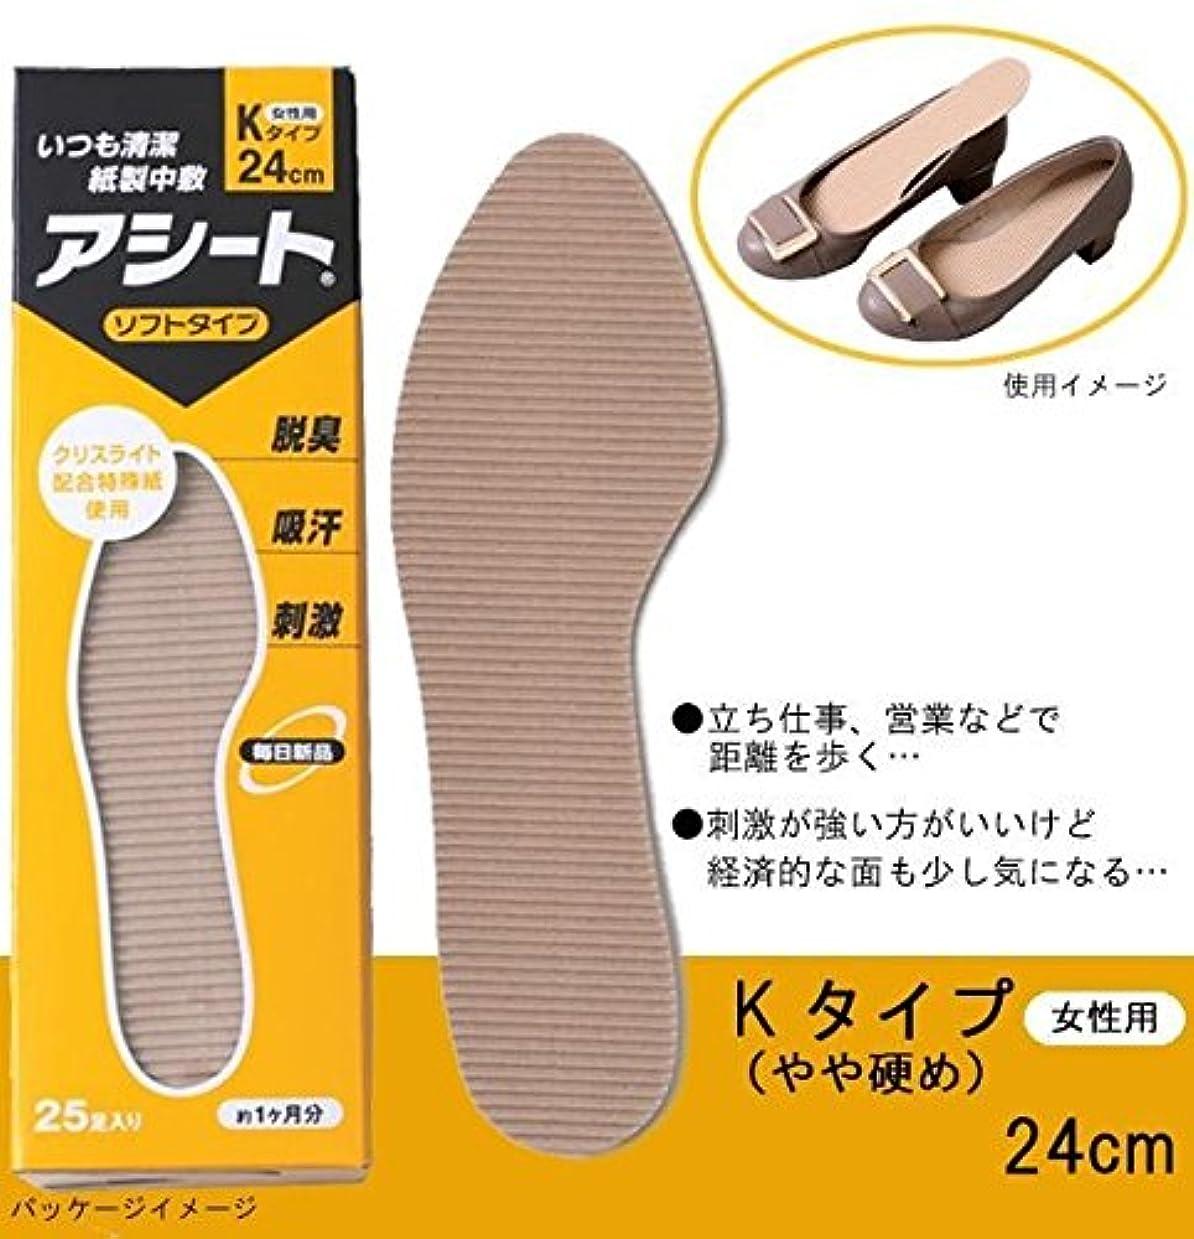 怪しい誓いエンジン紙製中敷 アシートKタイプ 50足セット 24cm(女性用)